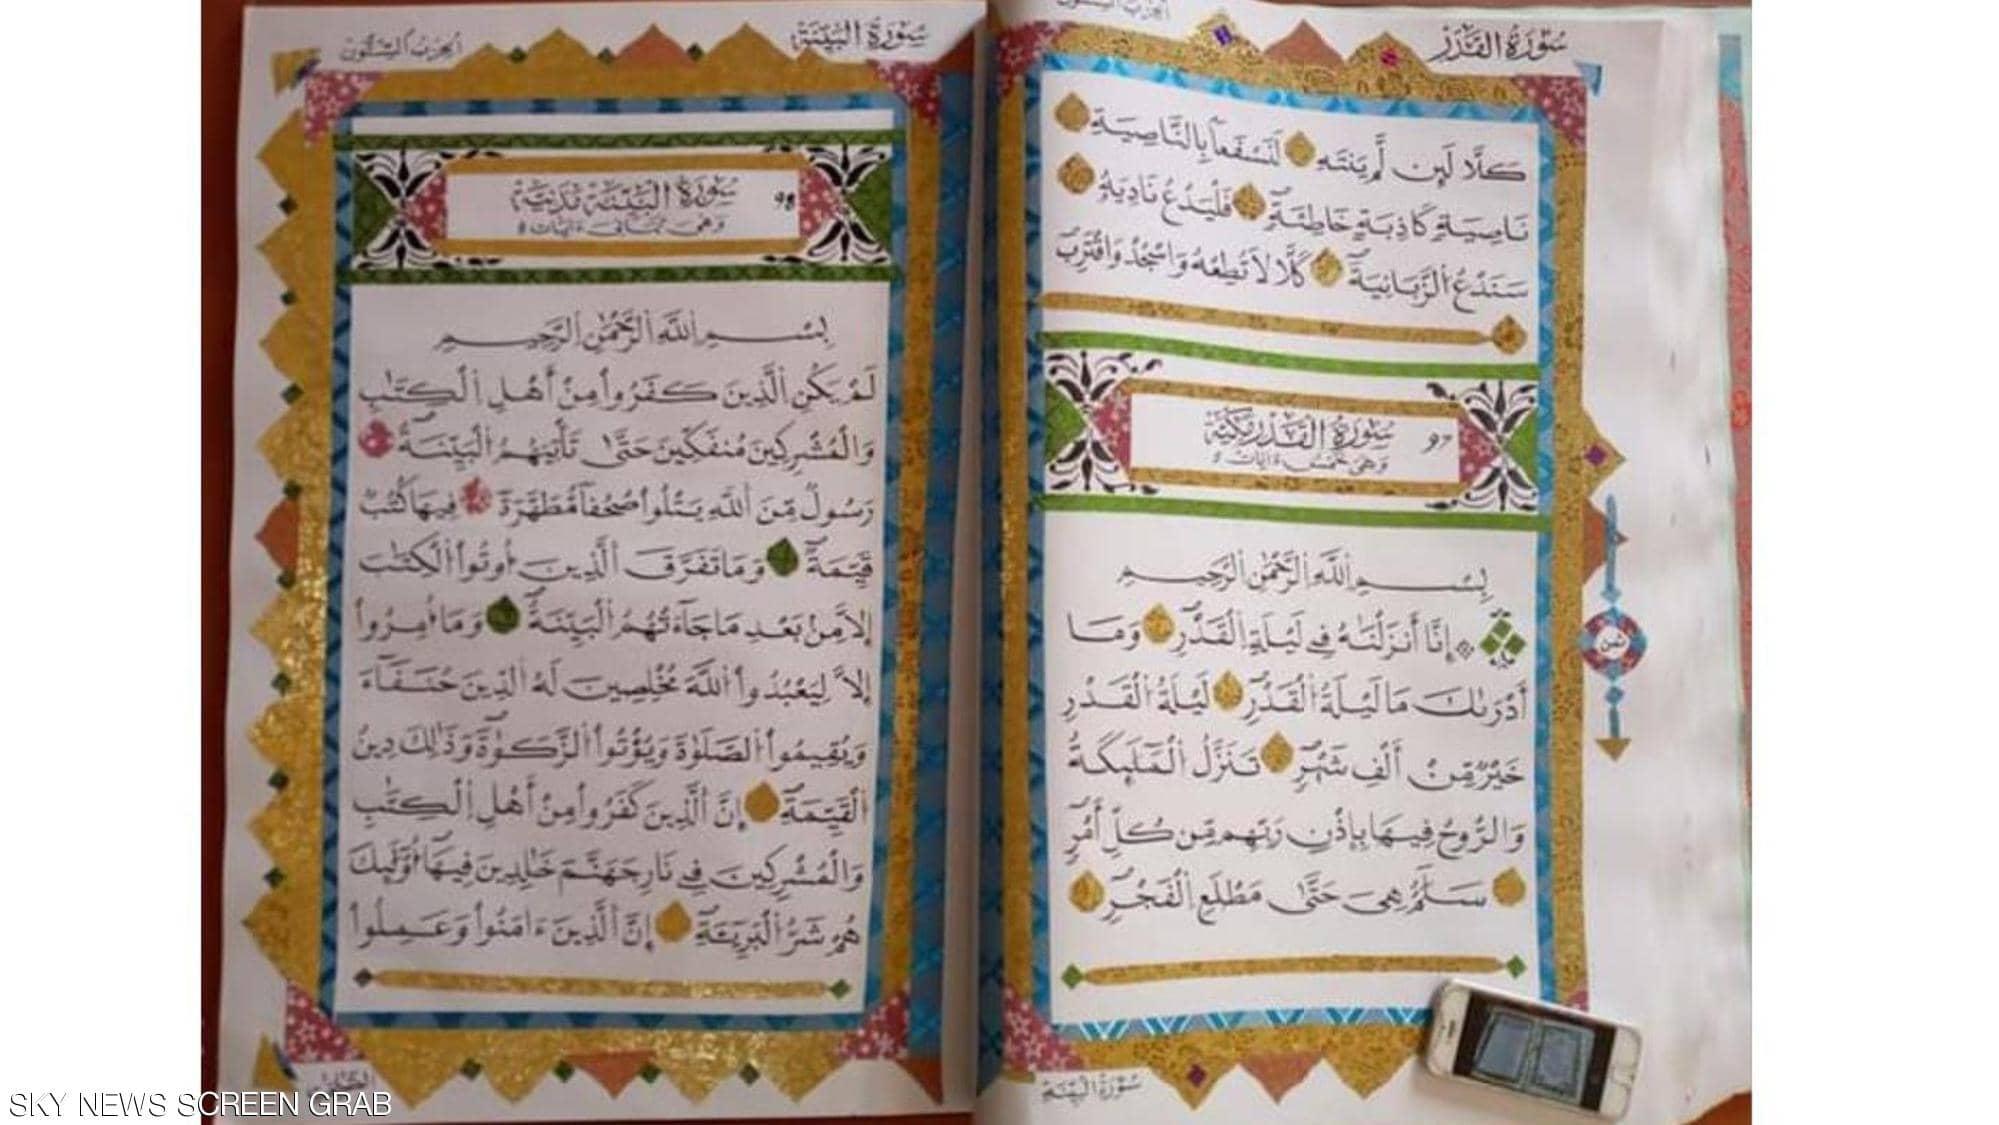 خطاط ليبى يكتب القران الكريم (1)